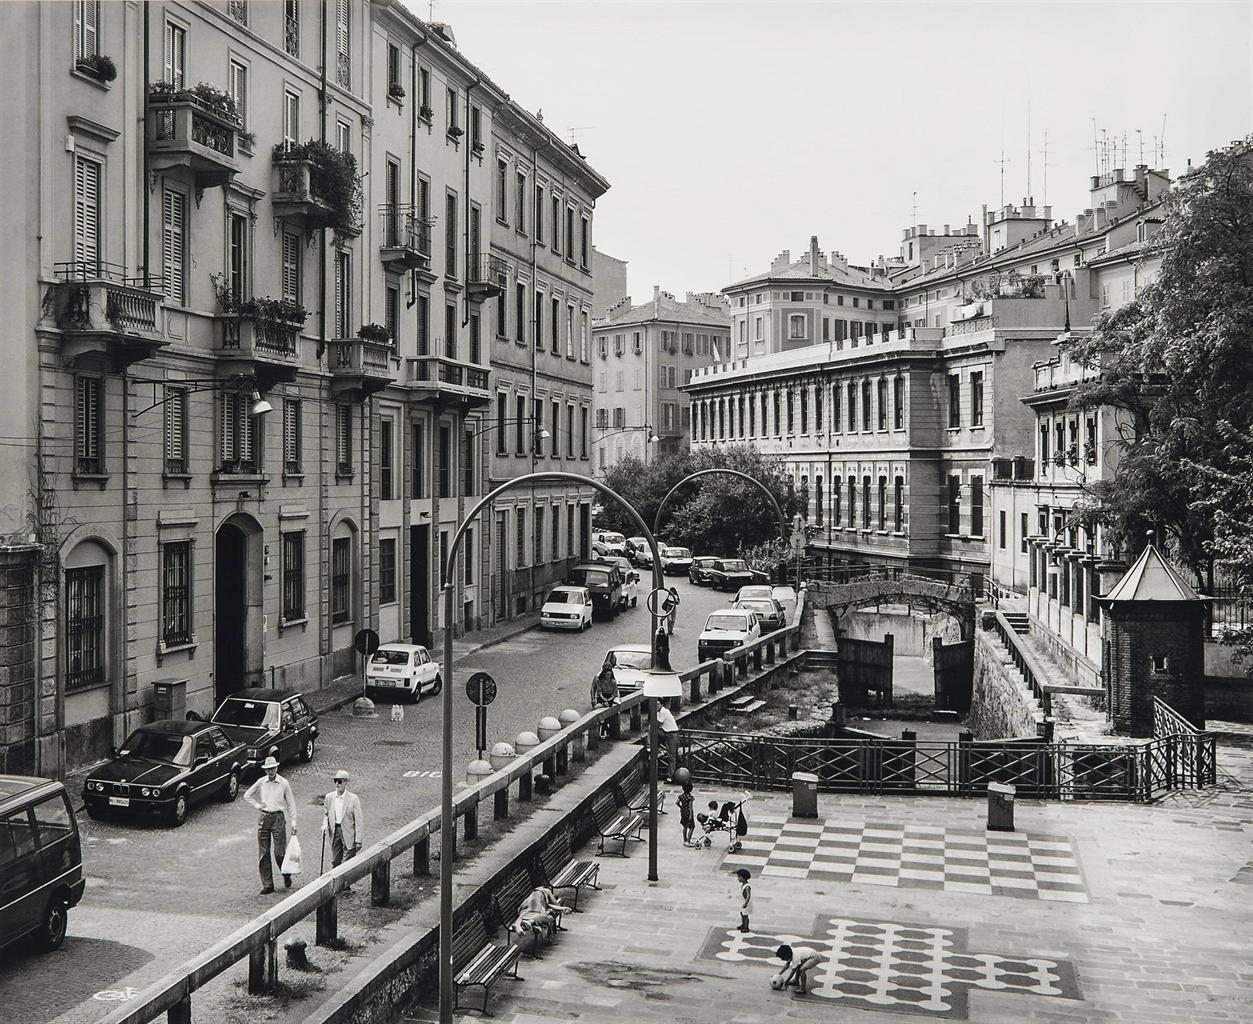 Thomas Struth-Via San Marco, Milano-1992